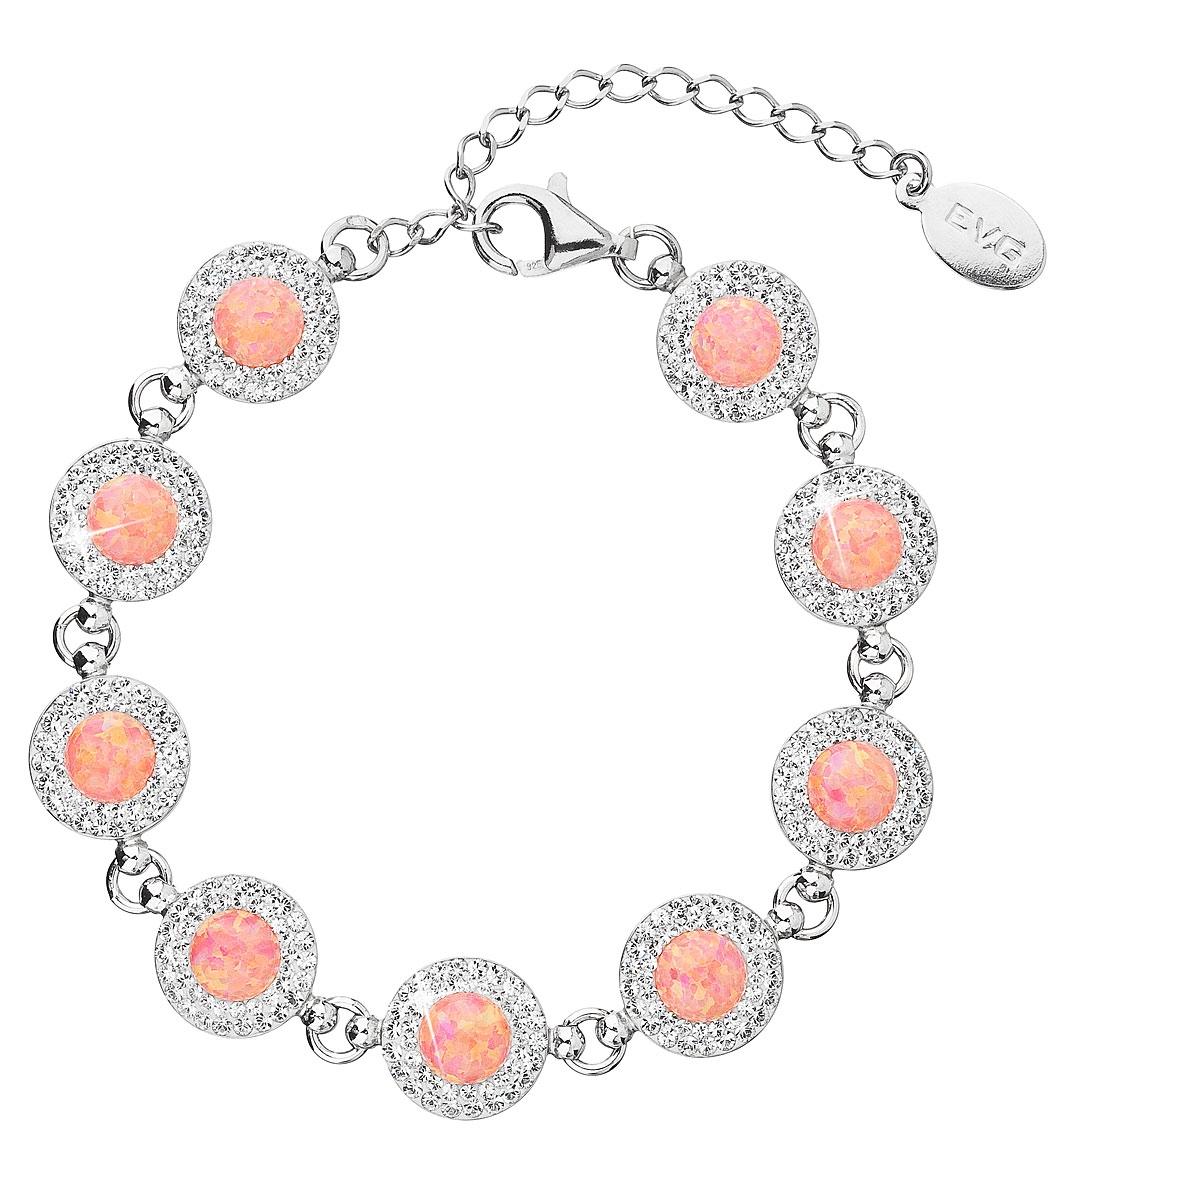 Stříbrný náramek s krystaly Crystals from Swarovski® a oranžovými opály EG7232-OR